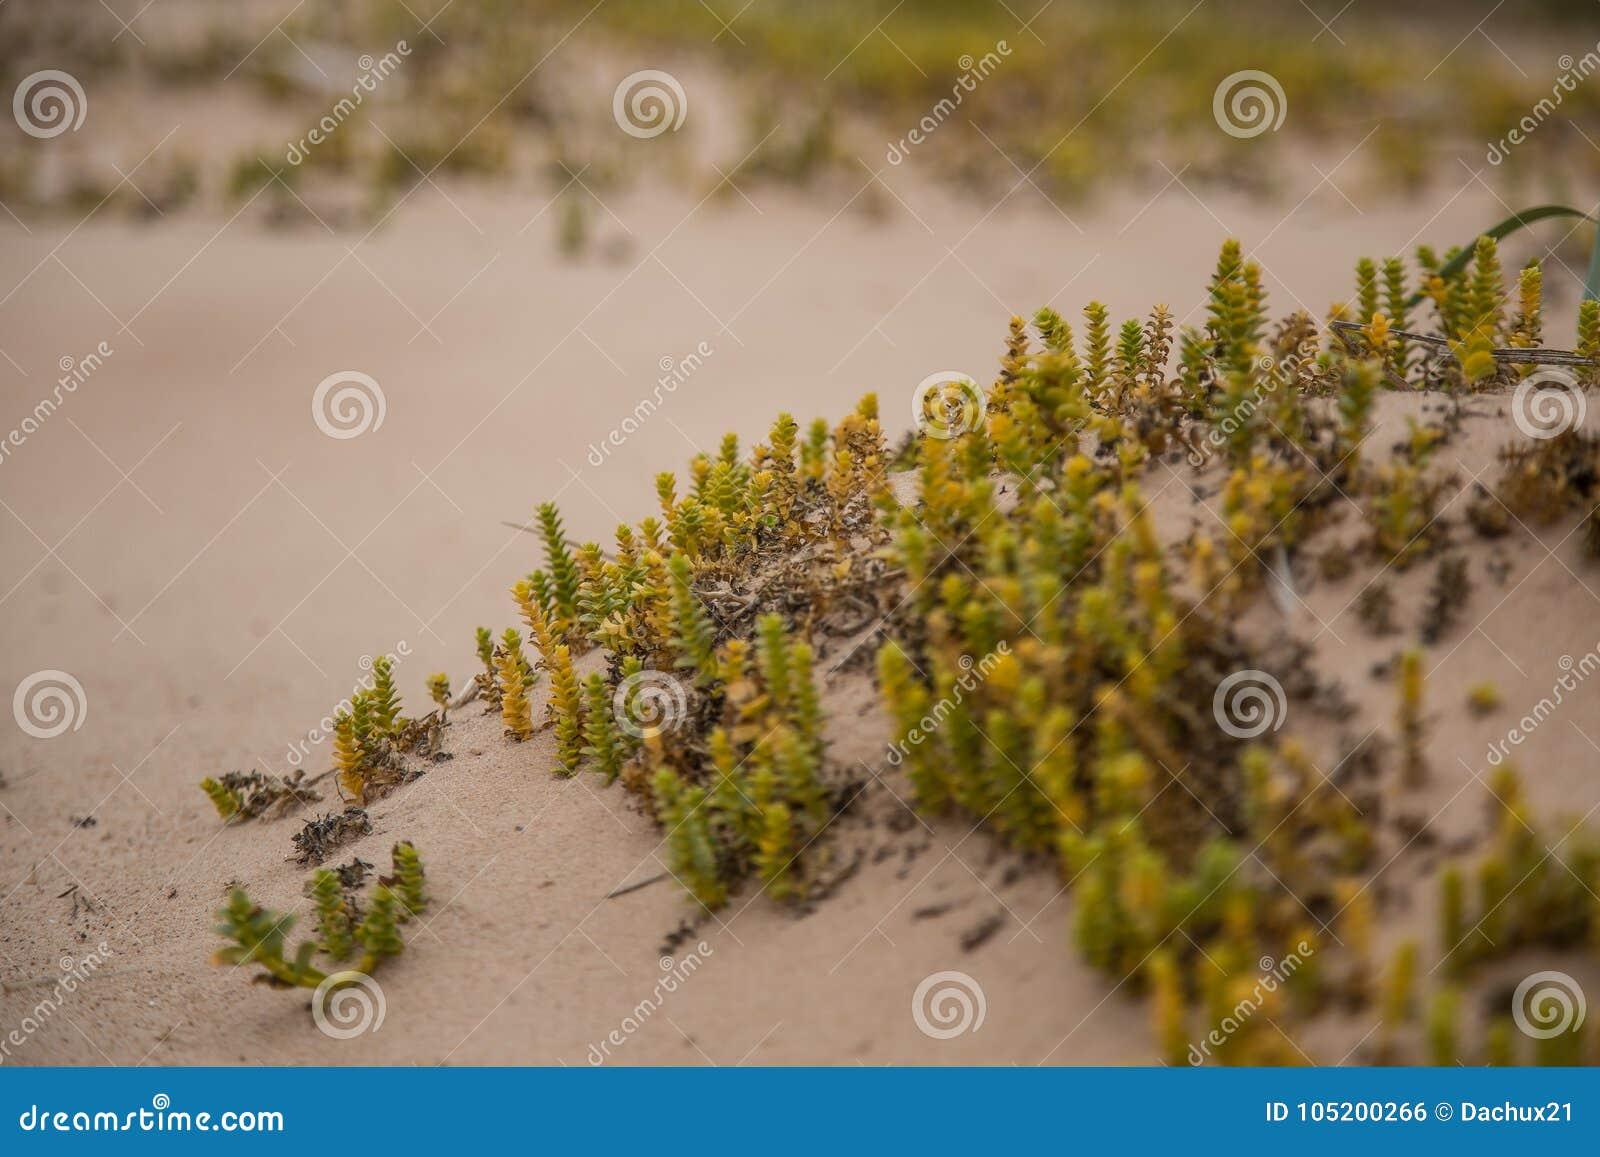 Um beira-mar pequeno, brilhante planta o crescimento na areia Cenário da praia com flora local